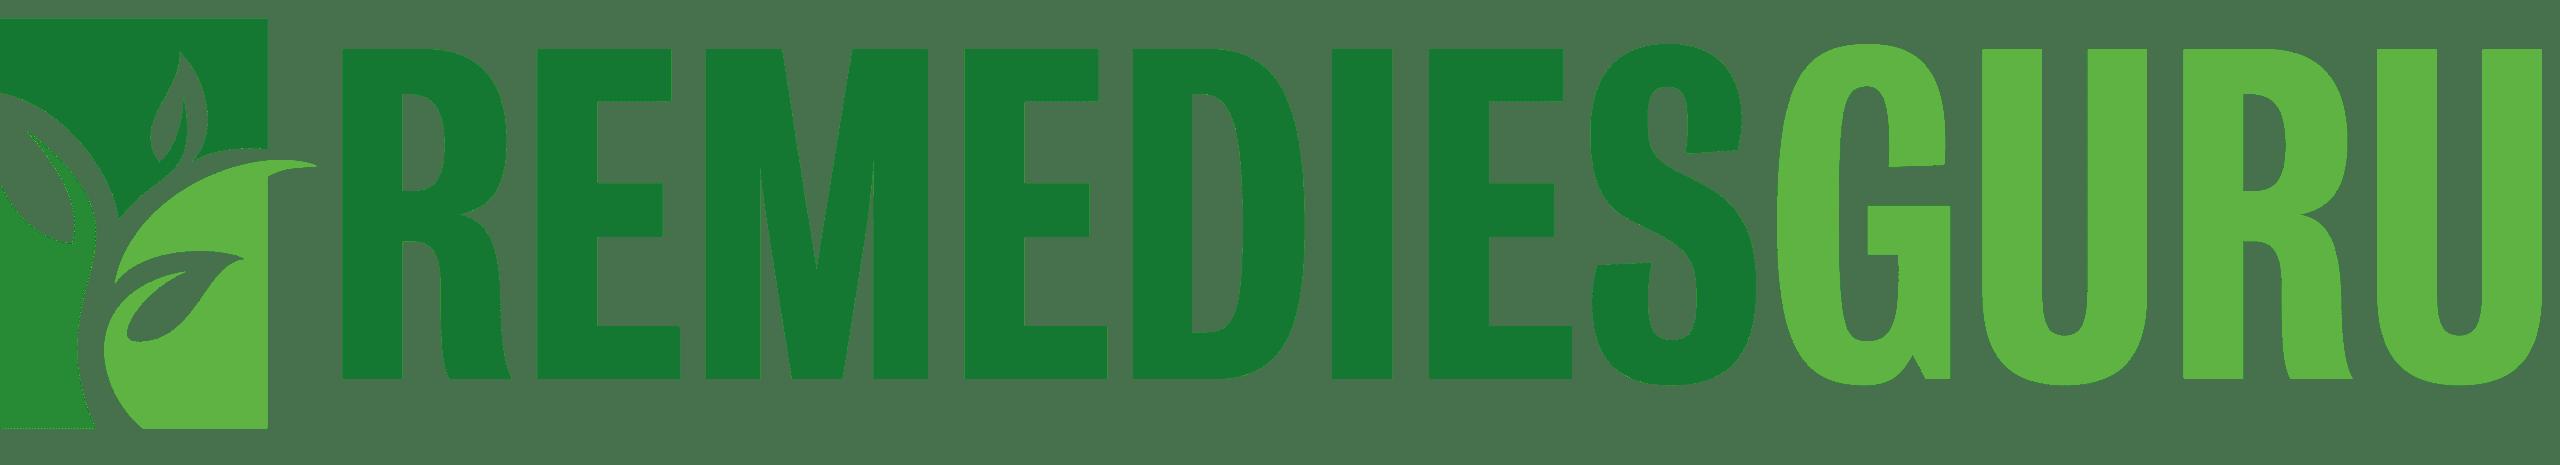 RemediesGuru logo